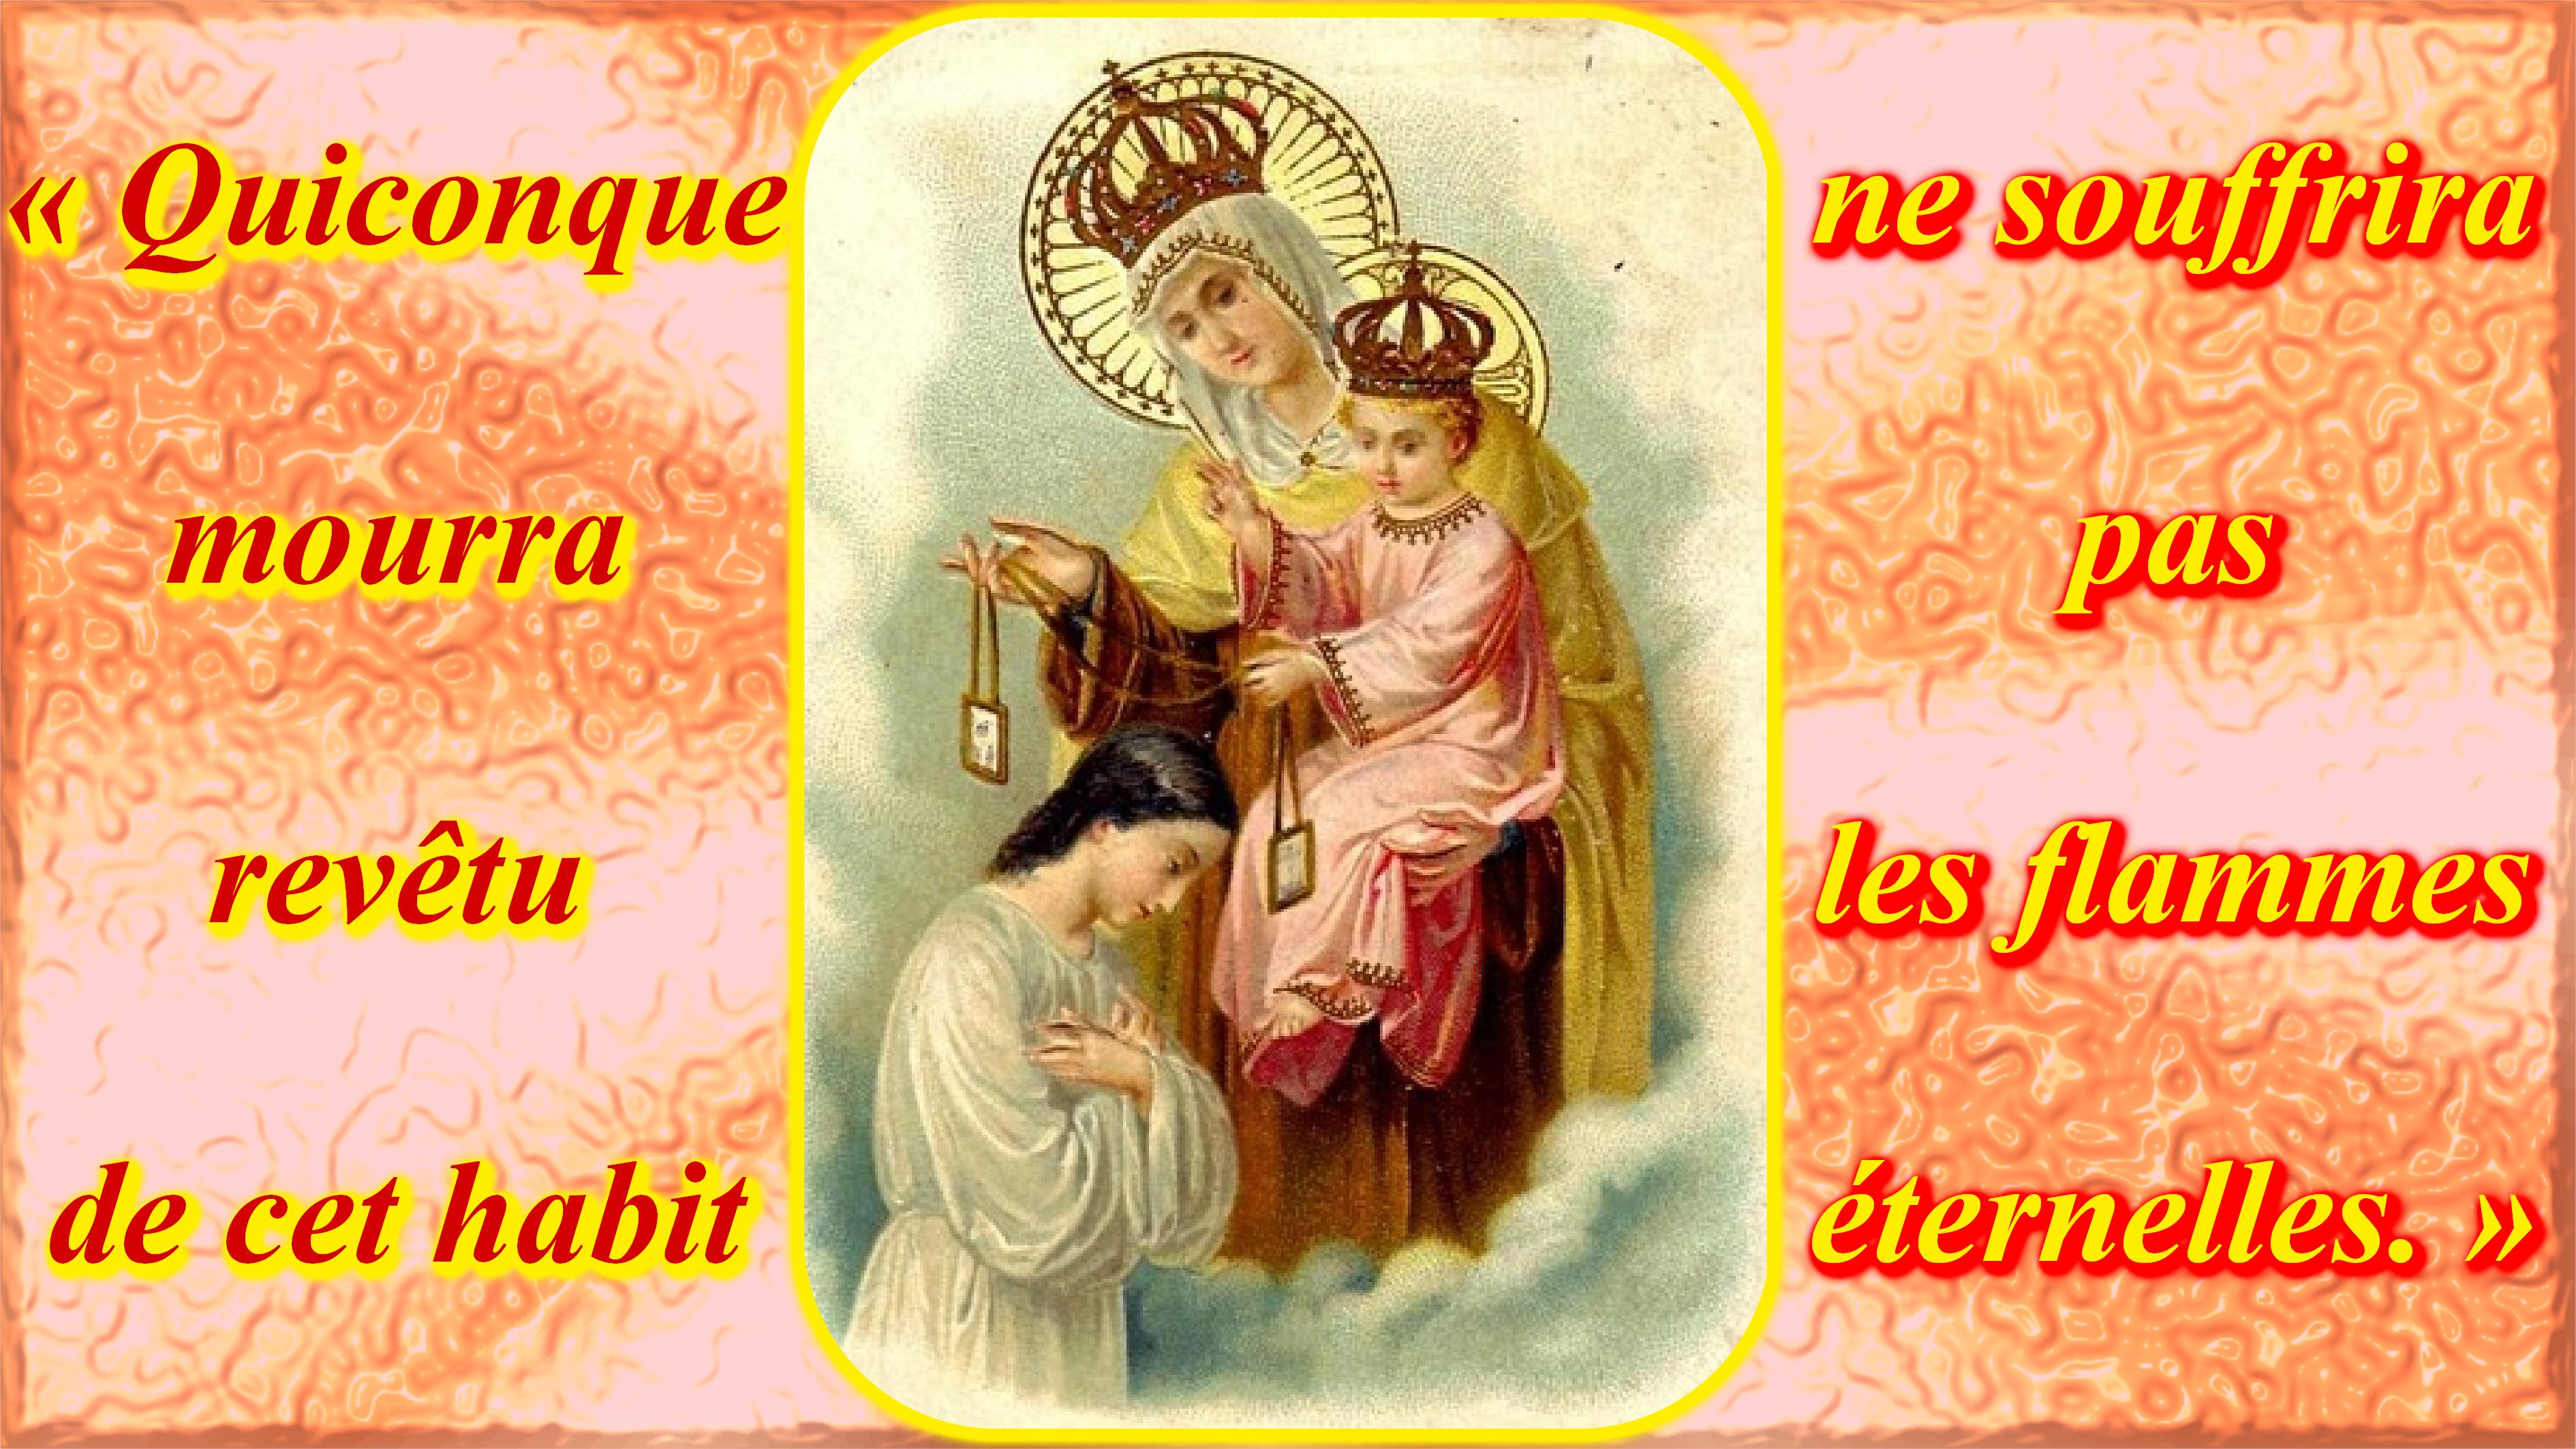 CALENDRIER CATHOLIQUE 2020 (Cantiques, Prières & Images) - Page 20 Notre-dame-du-mon...apulaire-5579ca8